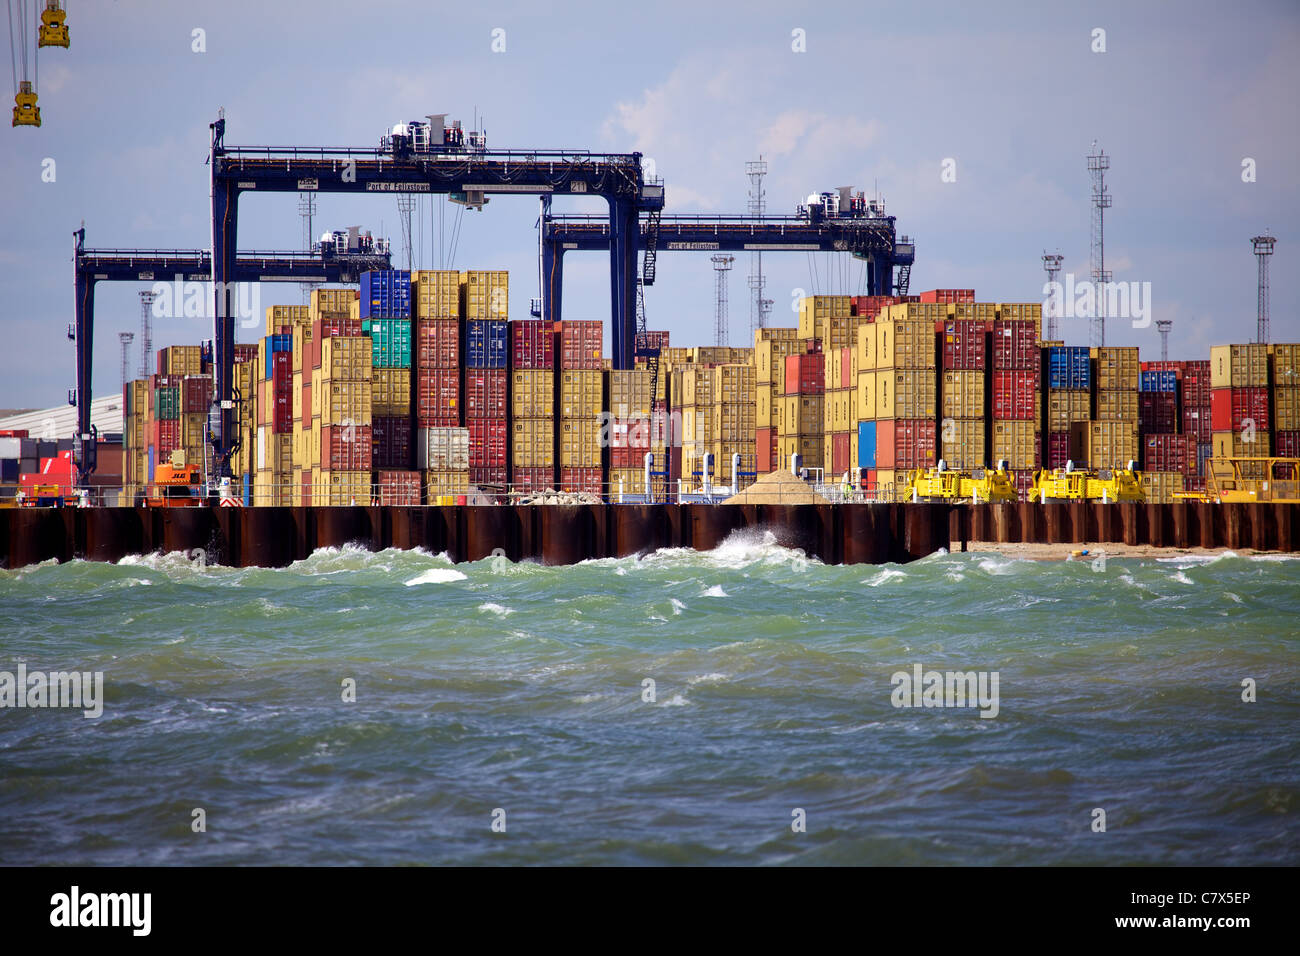 Comercio Internacional Global Britain - Puerto de Comercio Internacional Felixstowe - Contenedores apilados en el Puerto Felixstowe en el Reino Unido Foto de stock